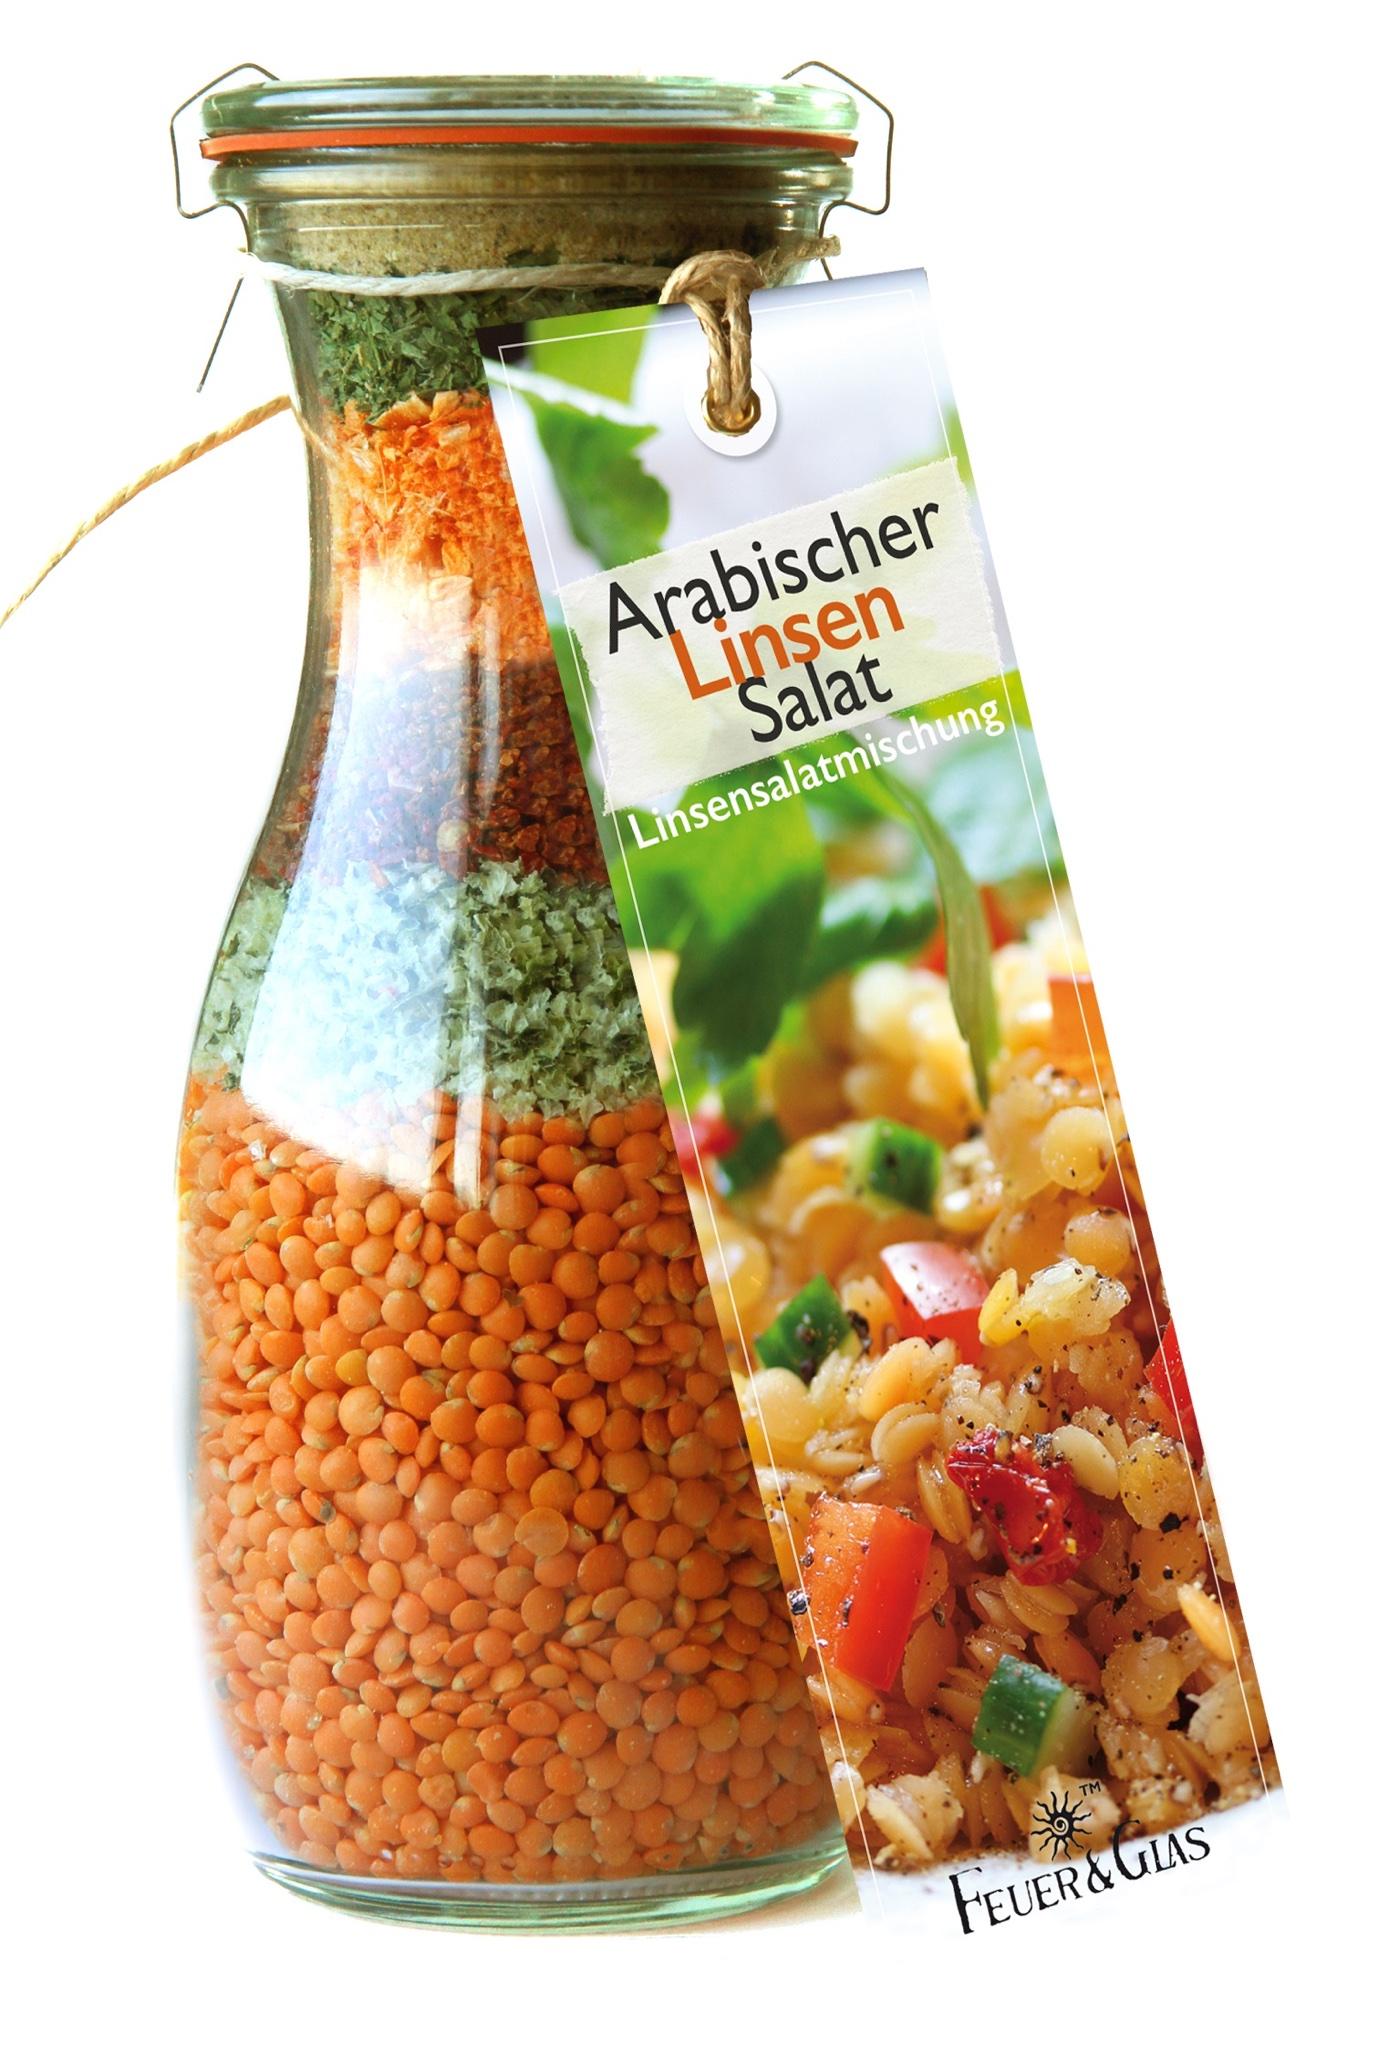 Arabischer Linsen Salat